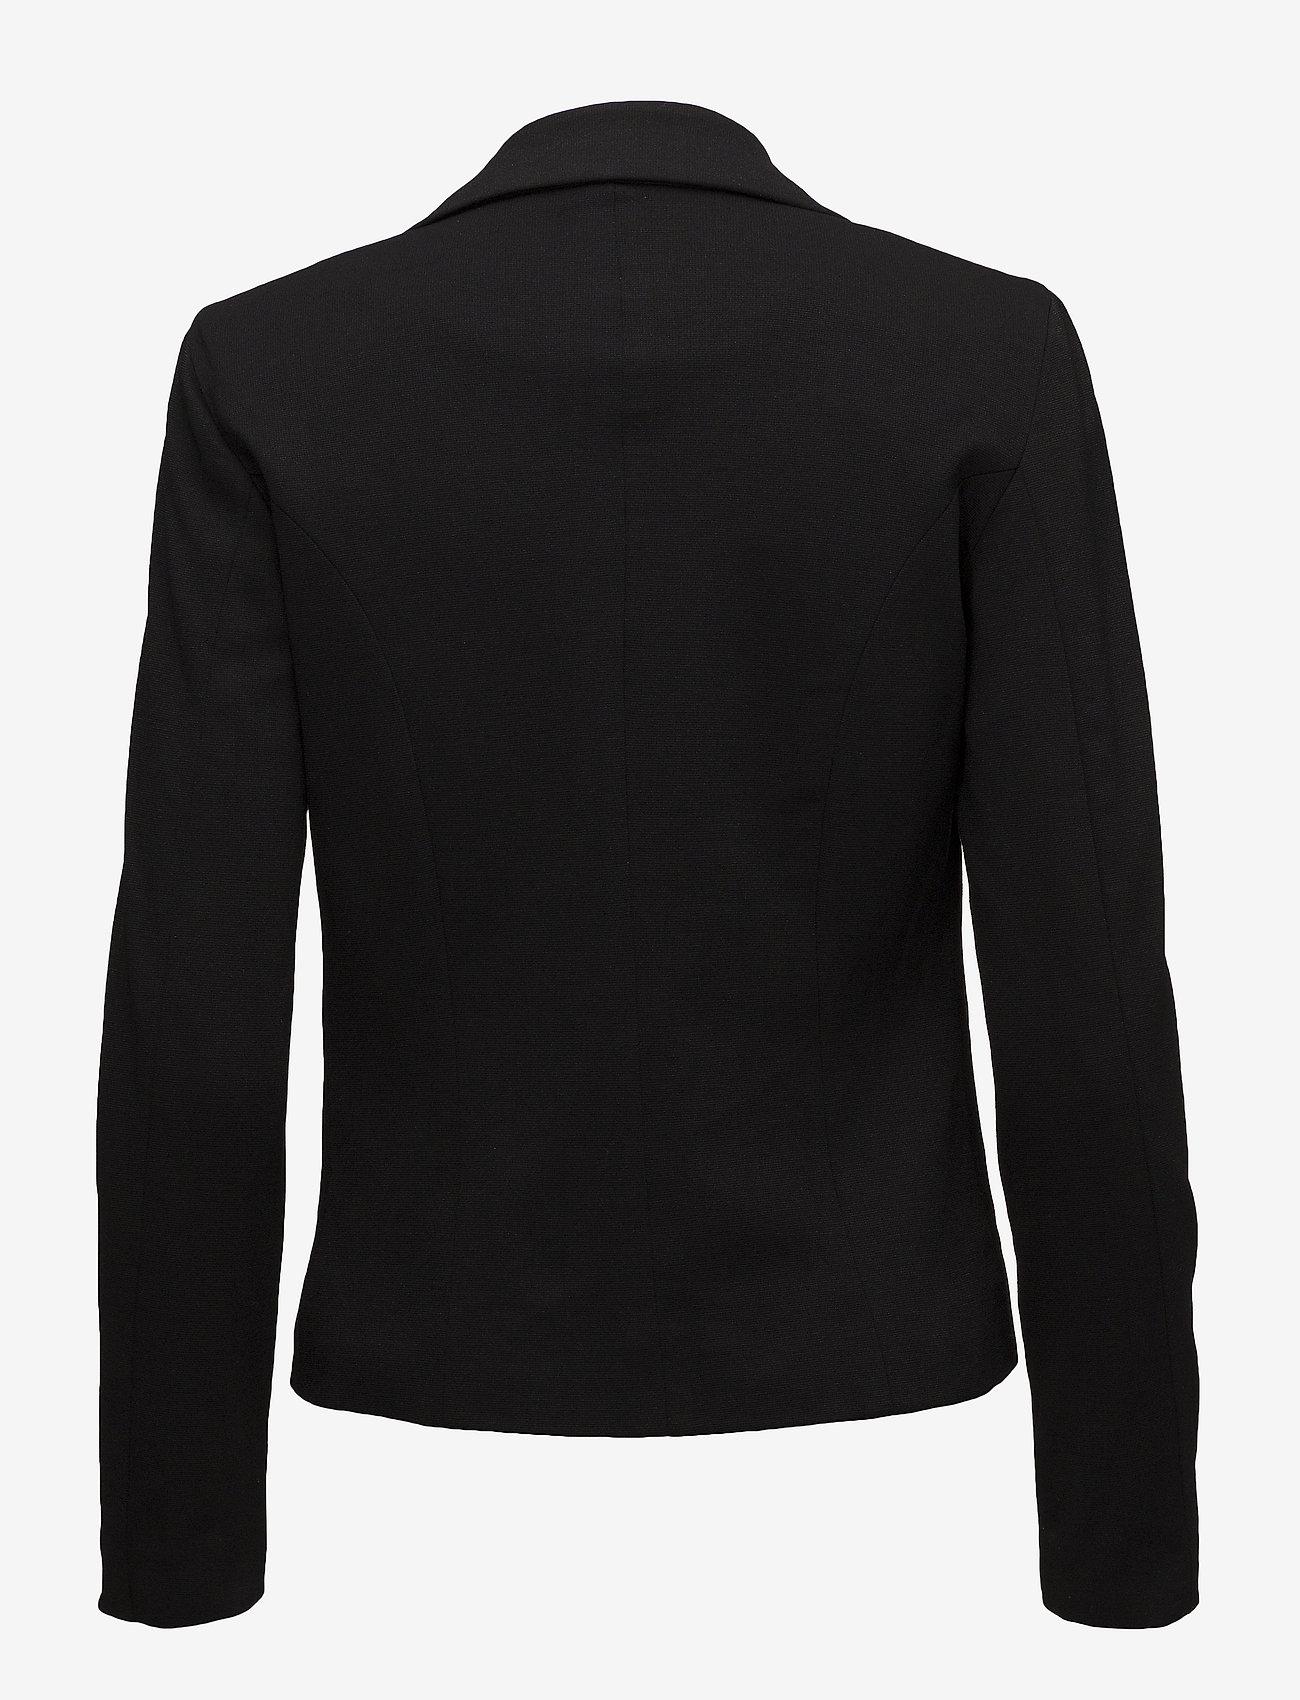 Minus - Carmen blazer - blazers - black - 1